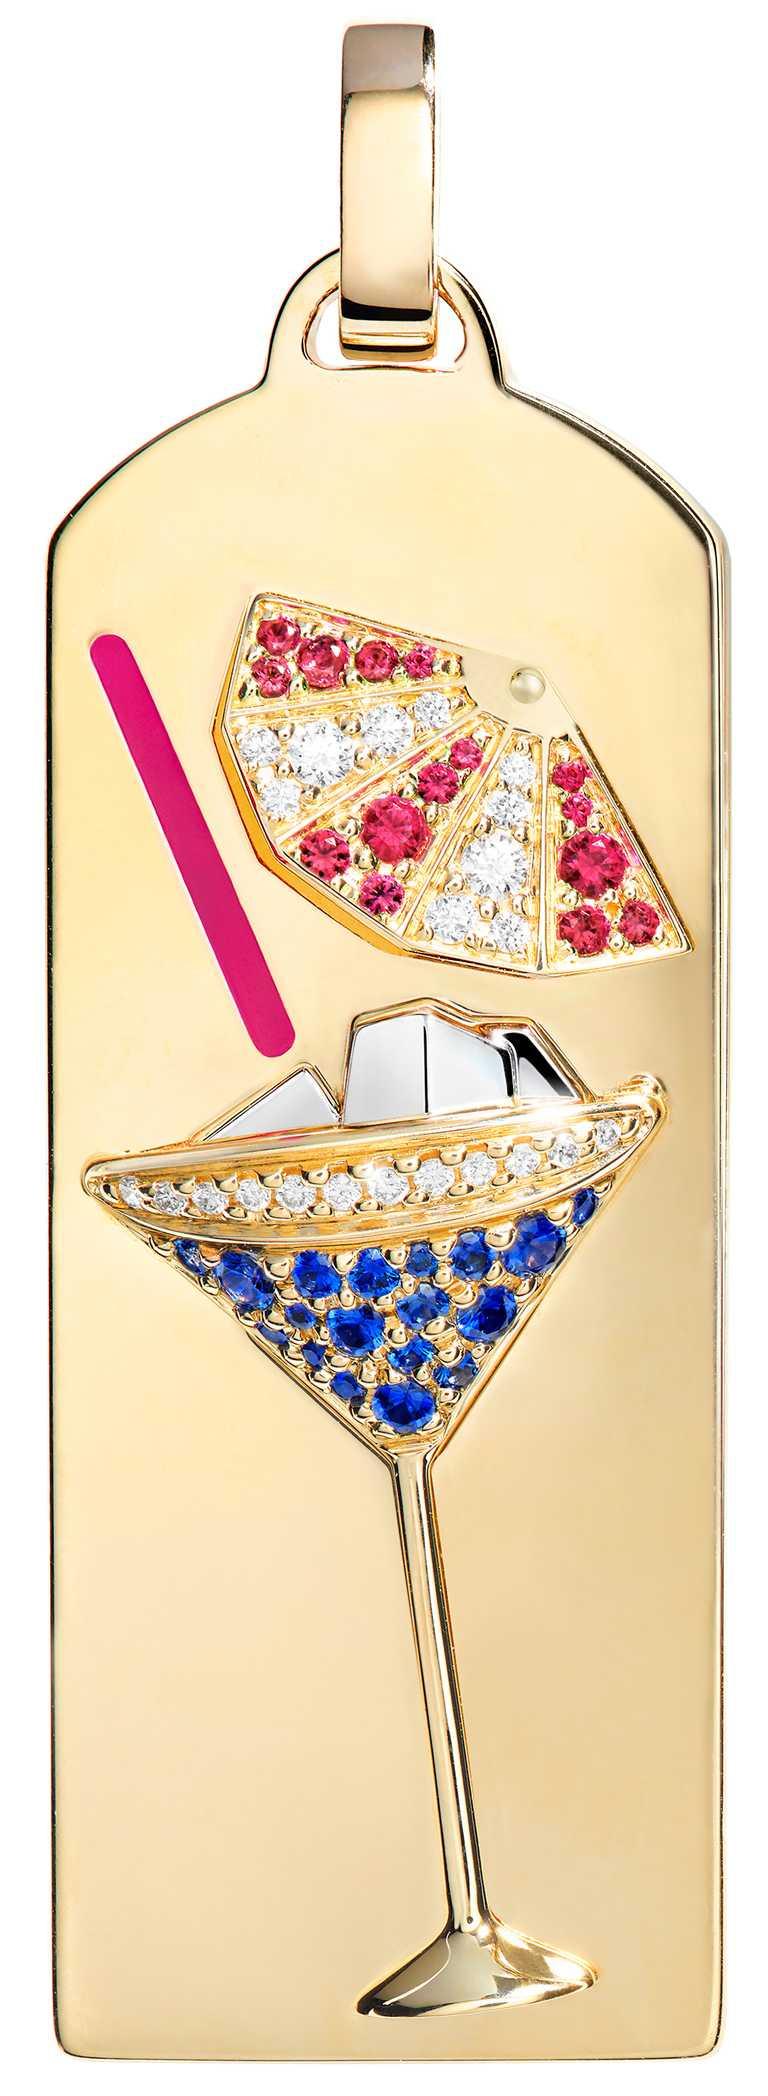 FRED「Riviera」系列,雞尾酒鑽飾黃金鍊墜(正面)╱282,700元。(圖╱FRED提供)